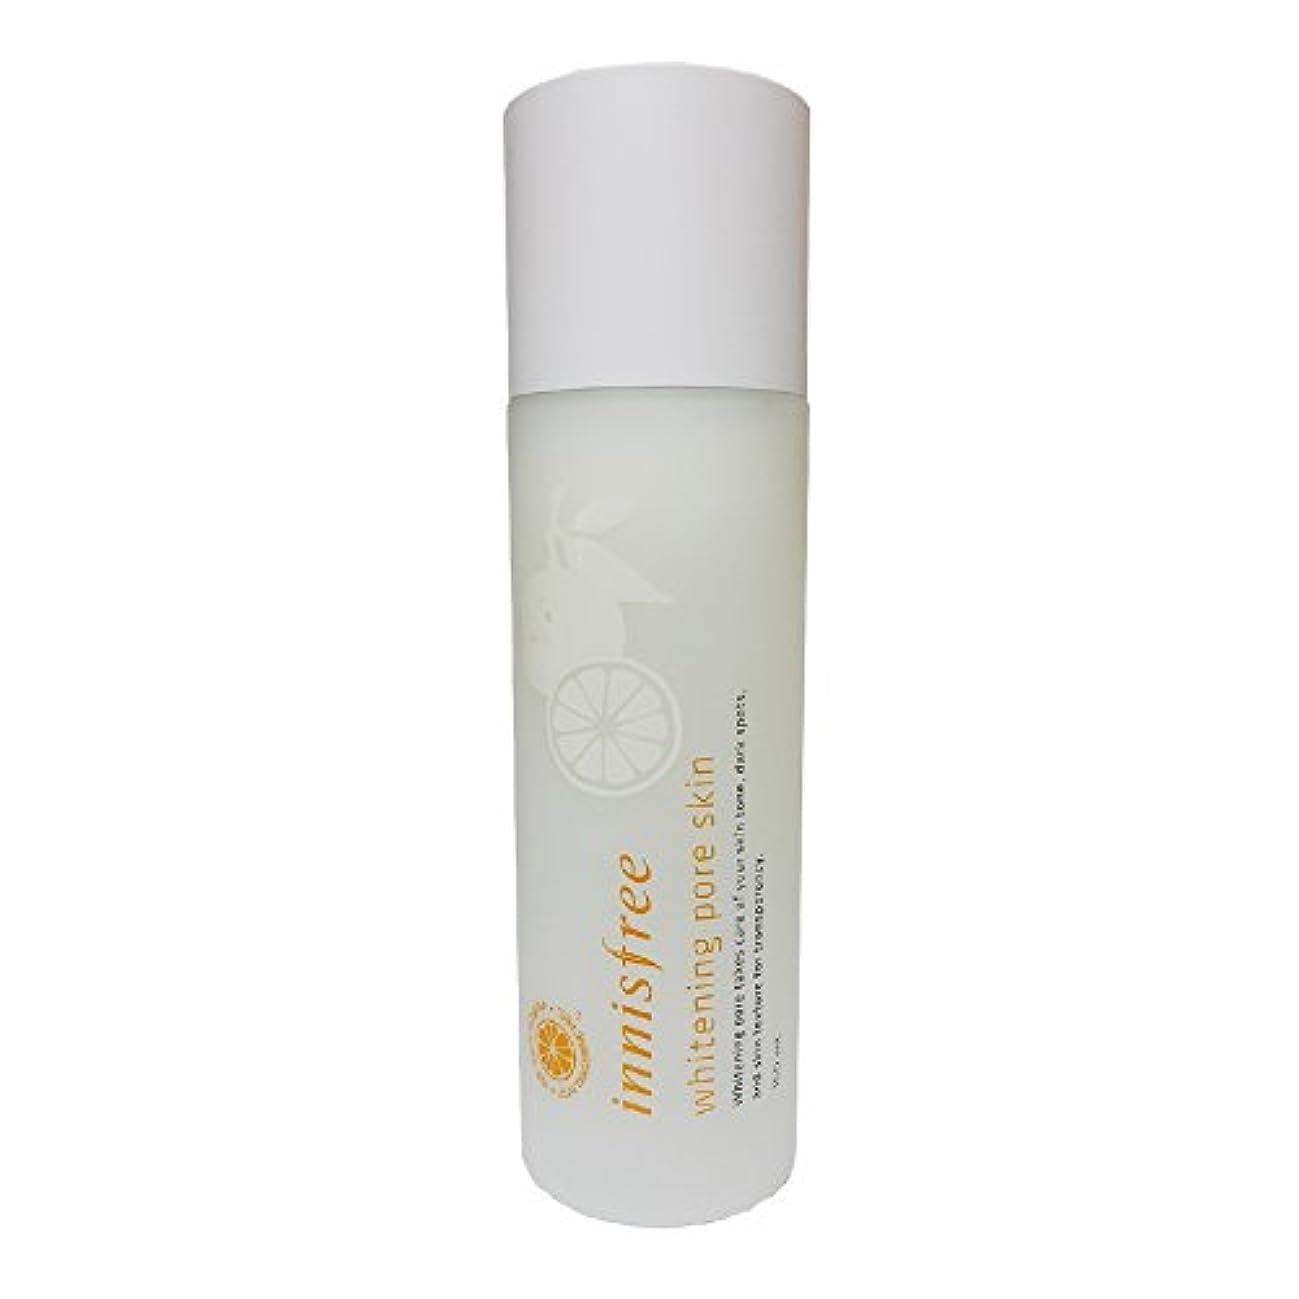 [イニスフリー] Innisfree ホワイトニング毛穴スキン (150ml) Innisfree Whitening Pore Skin(150ml) [海外直送品]